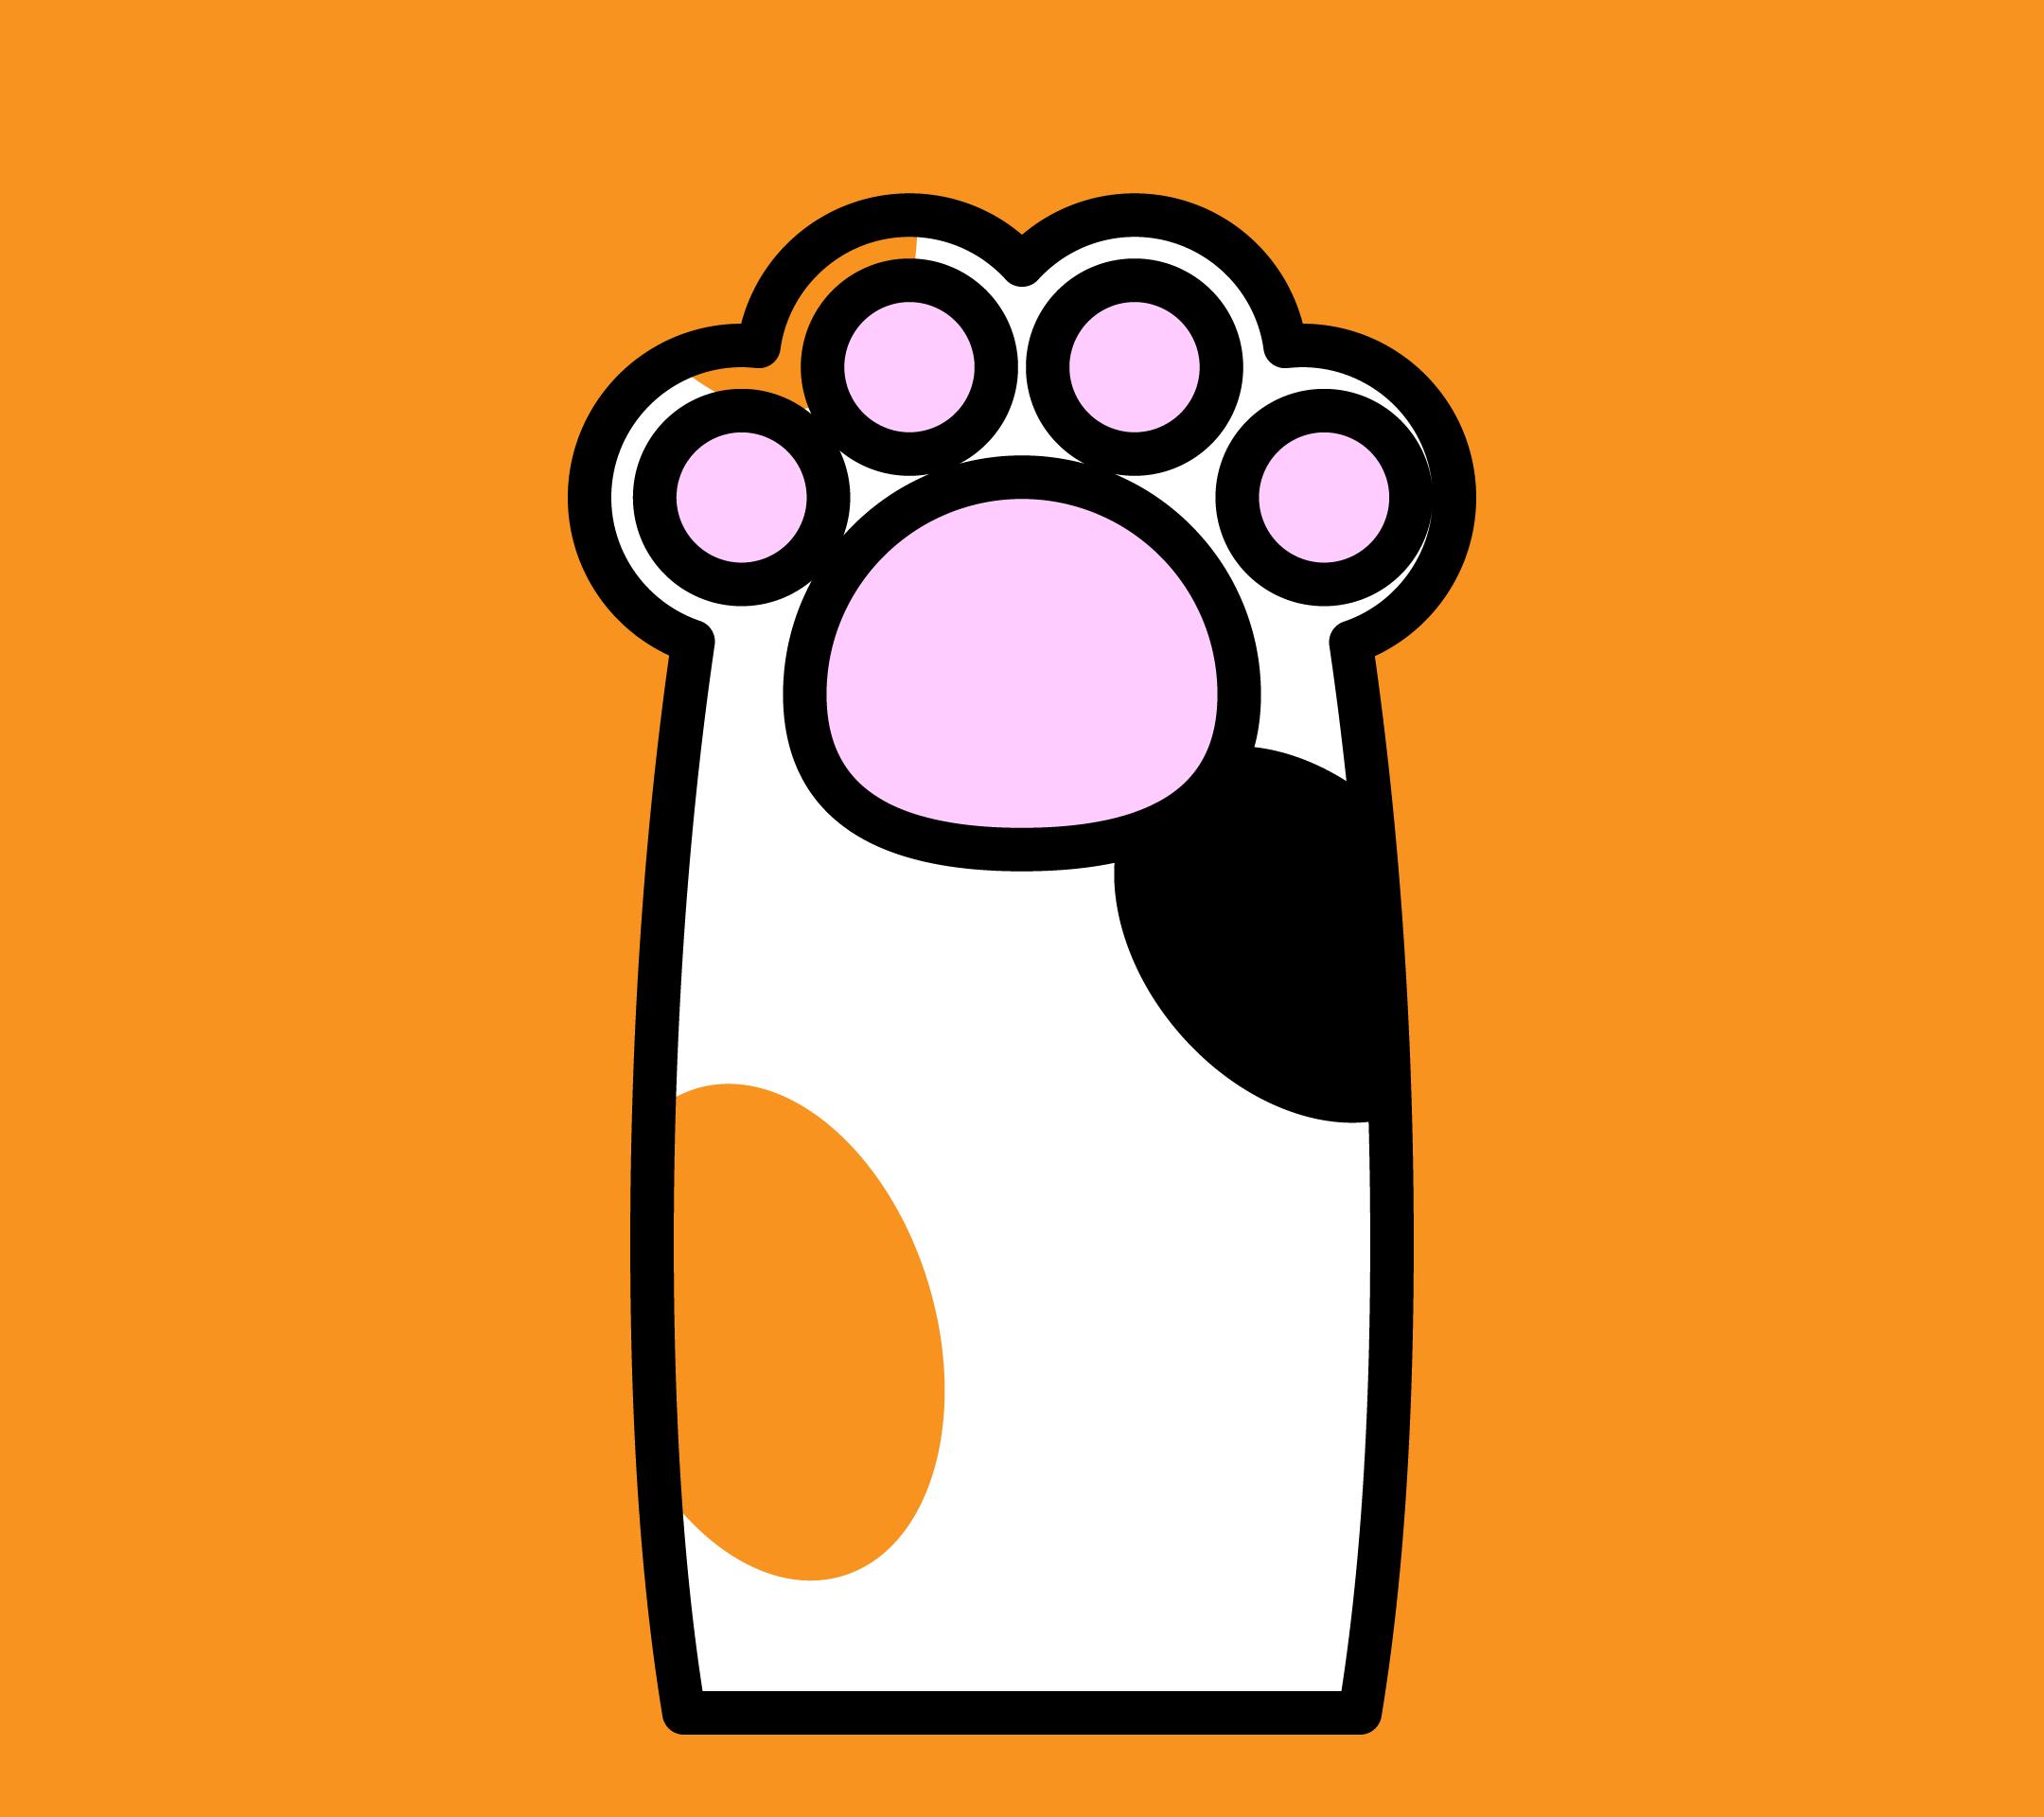 かわいい猫の手壁紙 Android の無料イラスト 商用フリー オイデ43